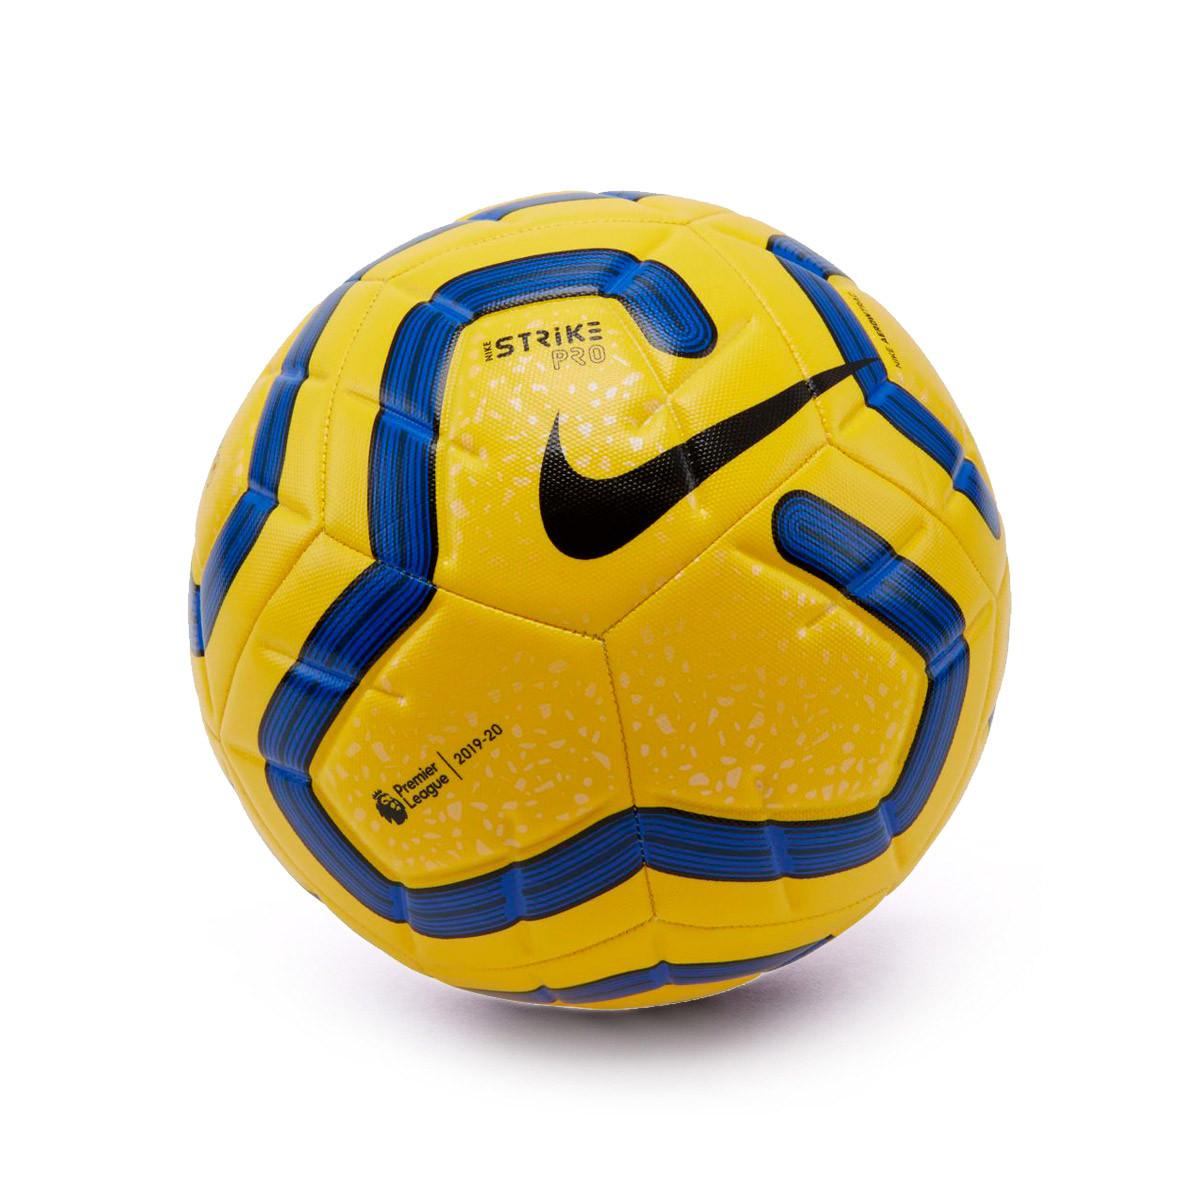 Testimoniare rappresentazione Registrazione  Pallone Nike Strike Pro 2019-2020 Yellow-Blue-Black - Negozio di calcio  Fútbol Emotion